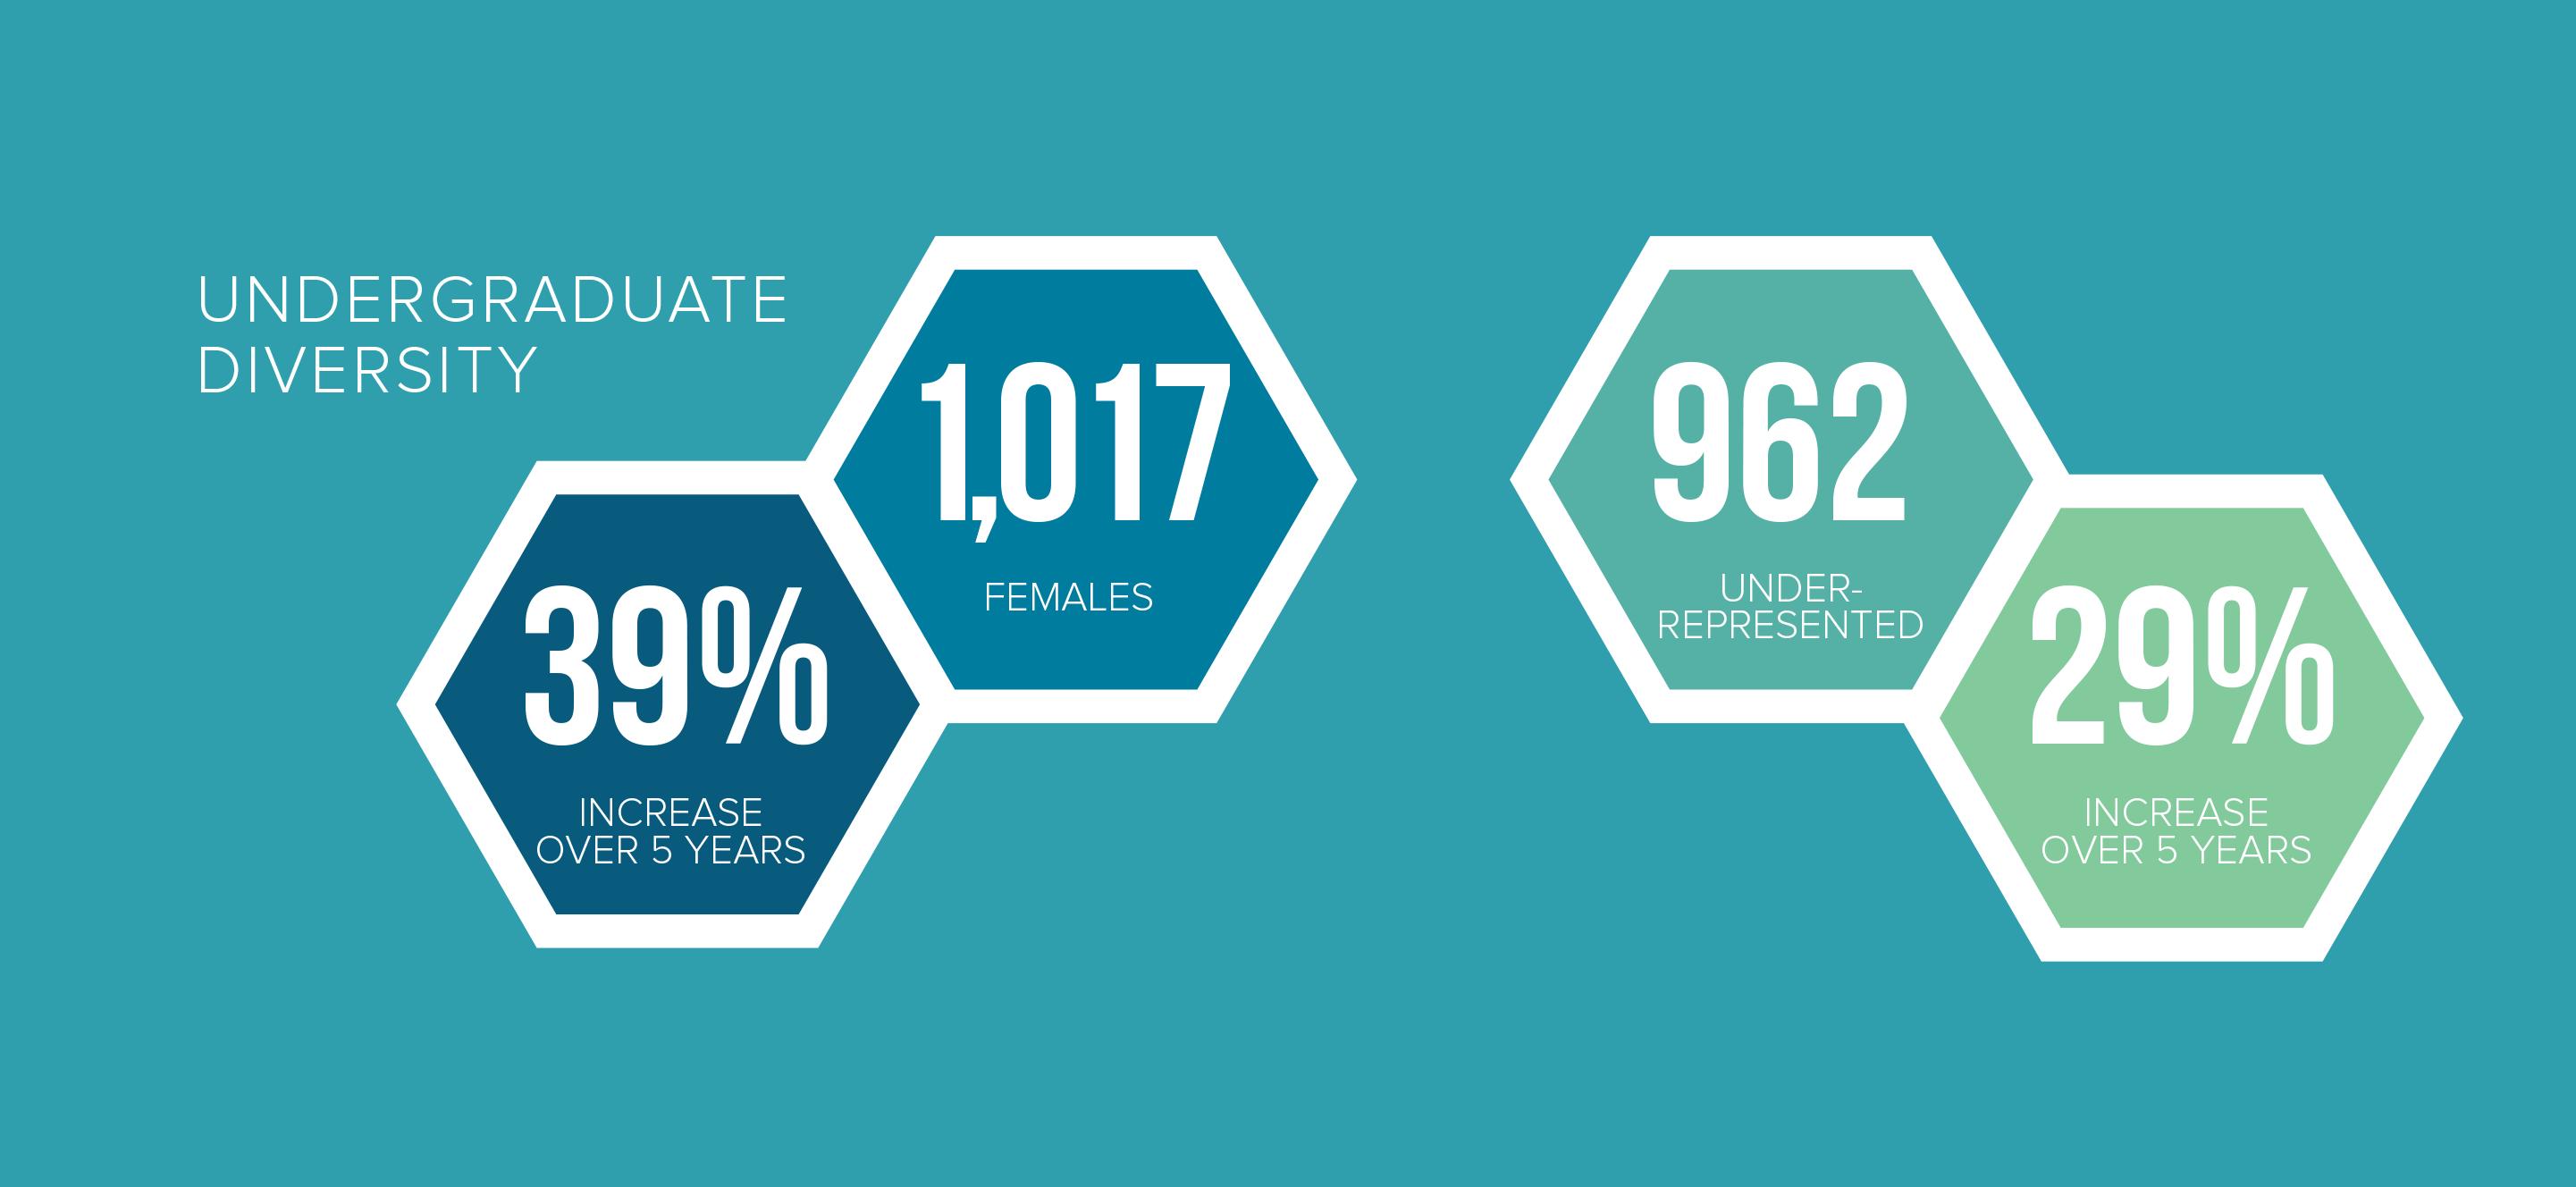 2019 Undergraduate Diversity